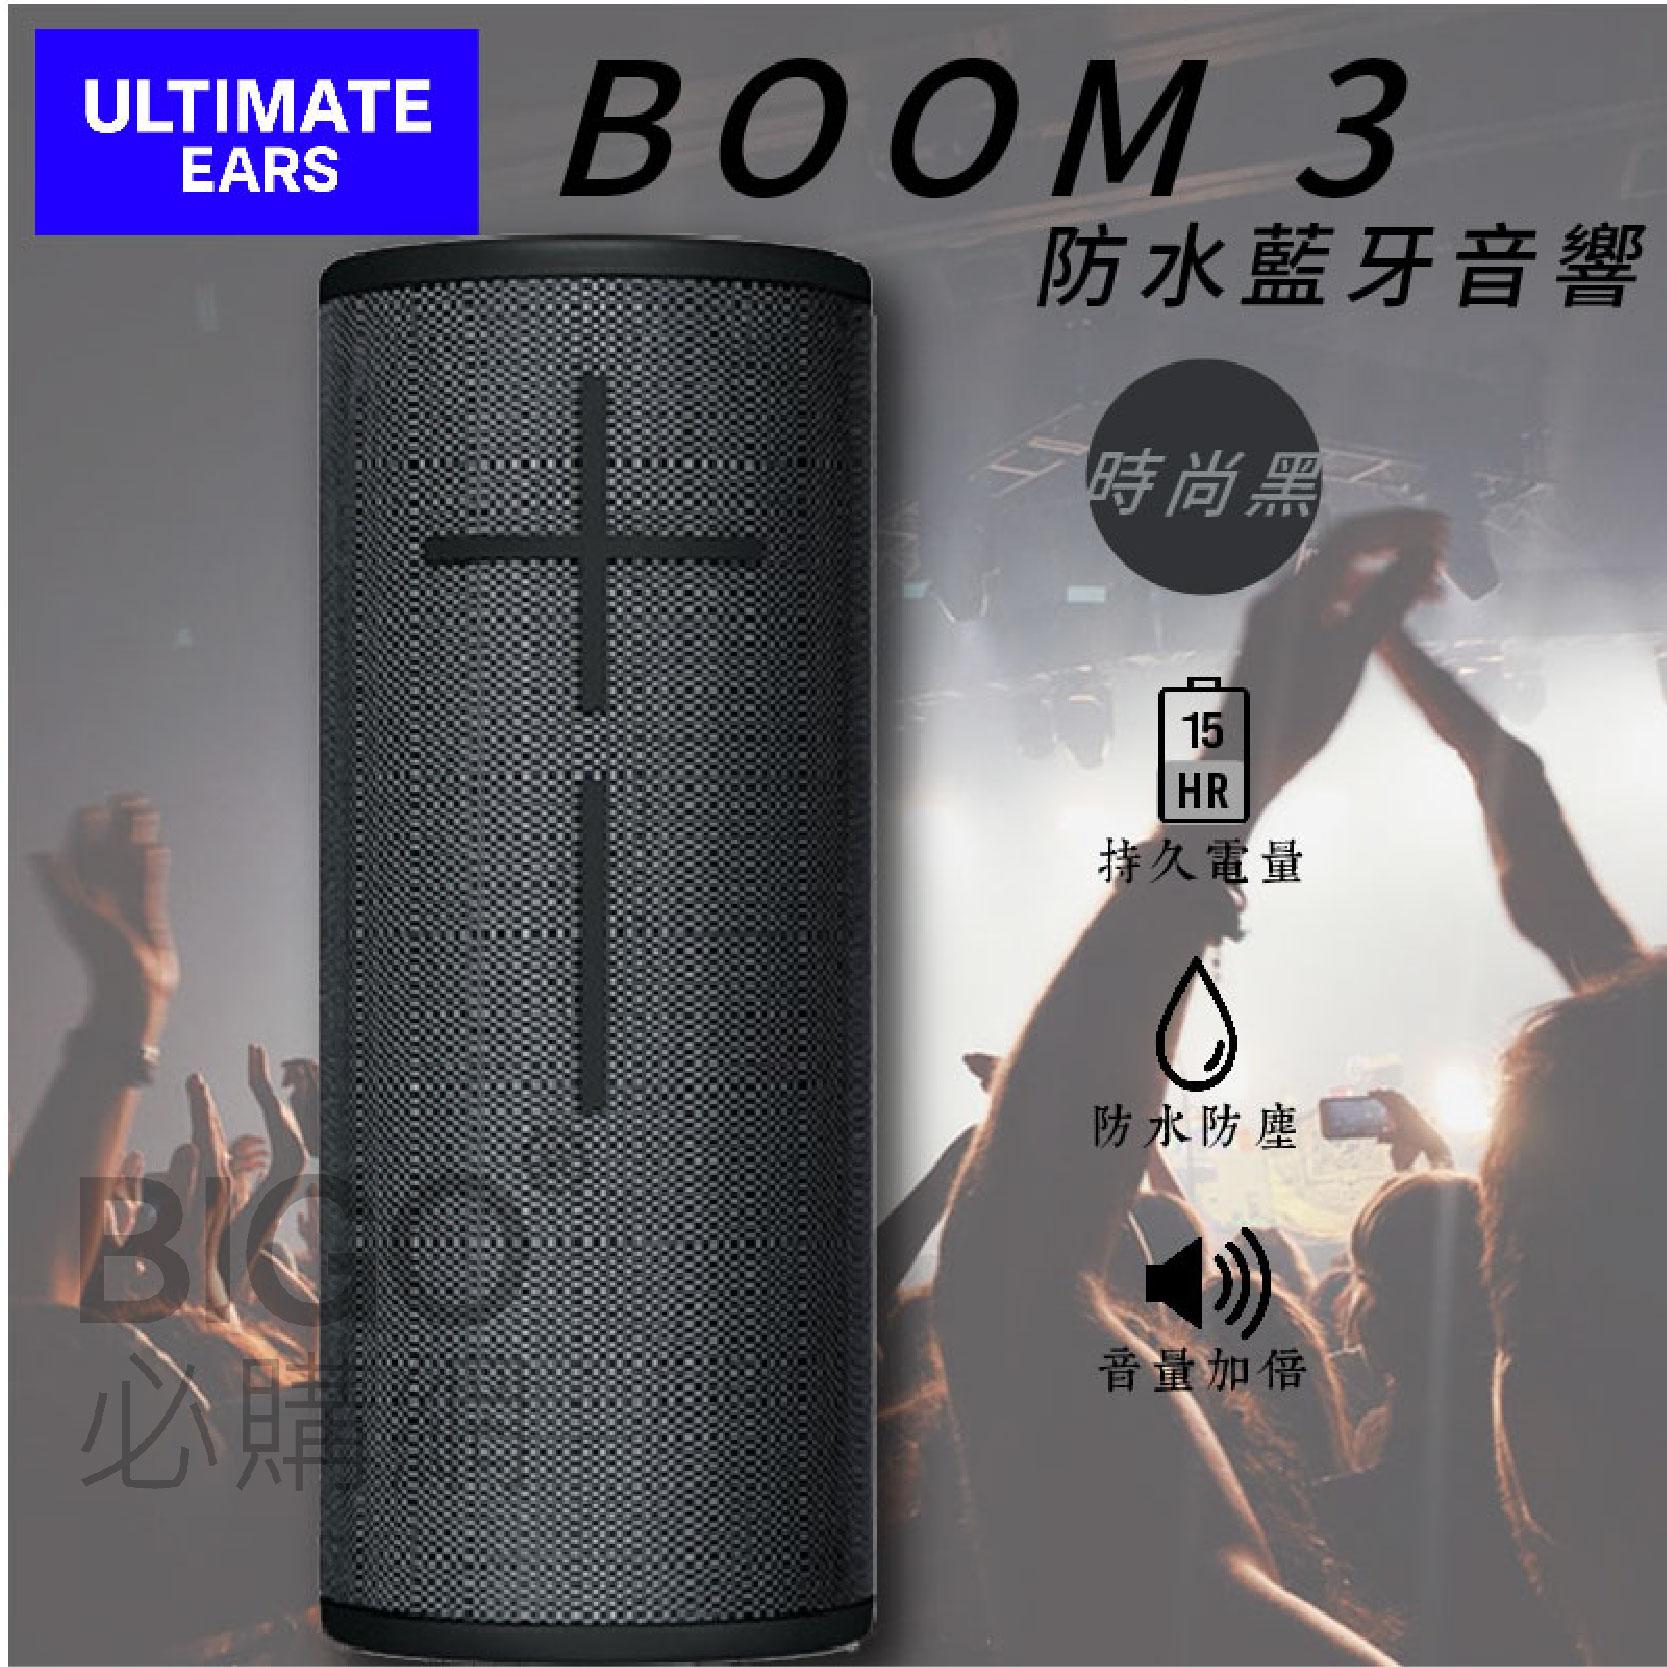 超大音量🔊美國UE  藍芽喇叭BOOM3 時尚黑  防水 防塵 可浮水  IP67 音量增強 操作簡易 攜帶輕便 無線